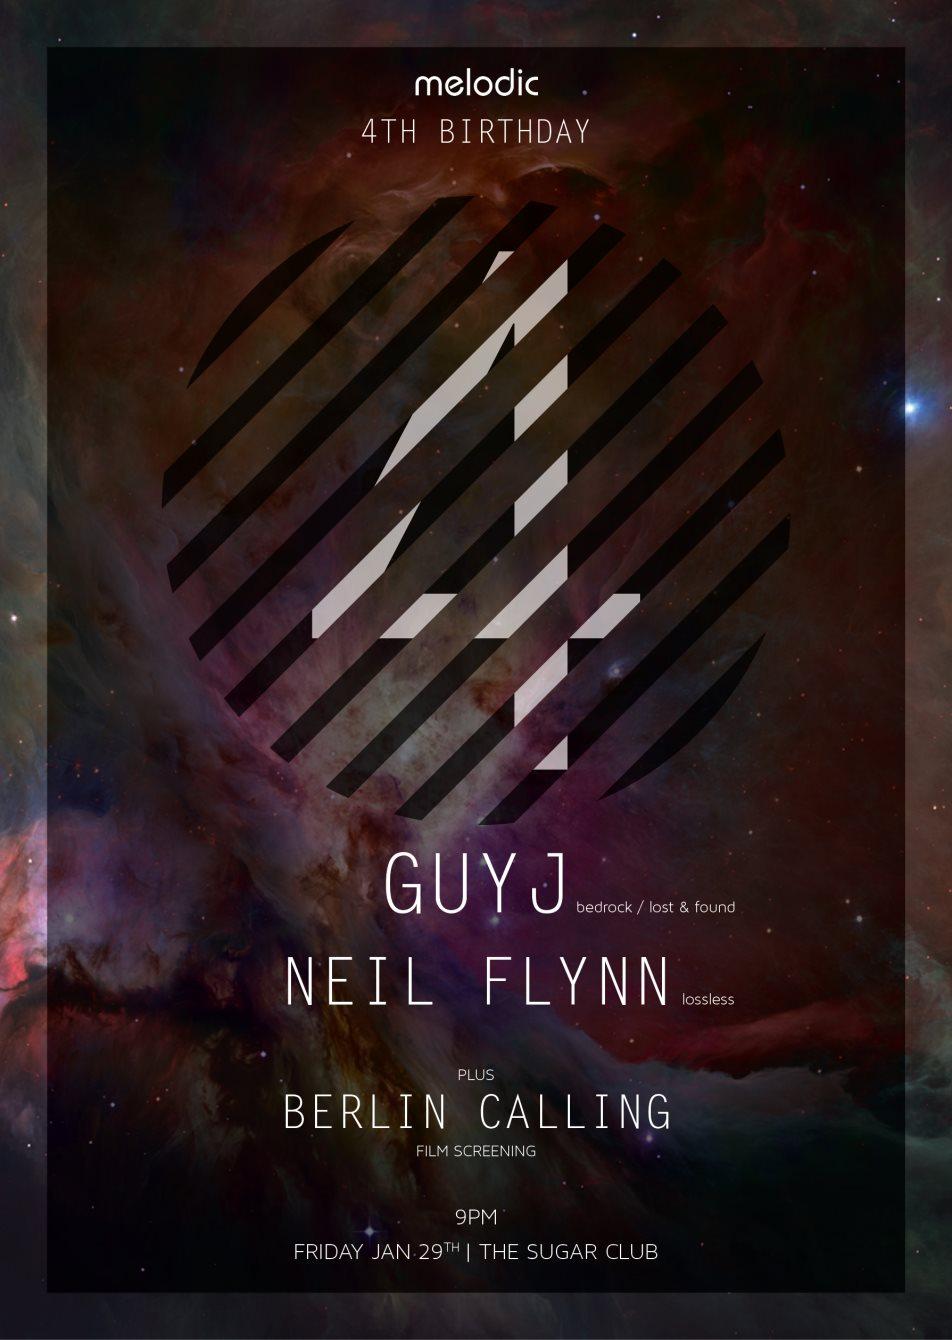 Melodic is 4: Guy J & Neil Flynn Plus Berlin Calling Film Screening - Flyer front